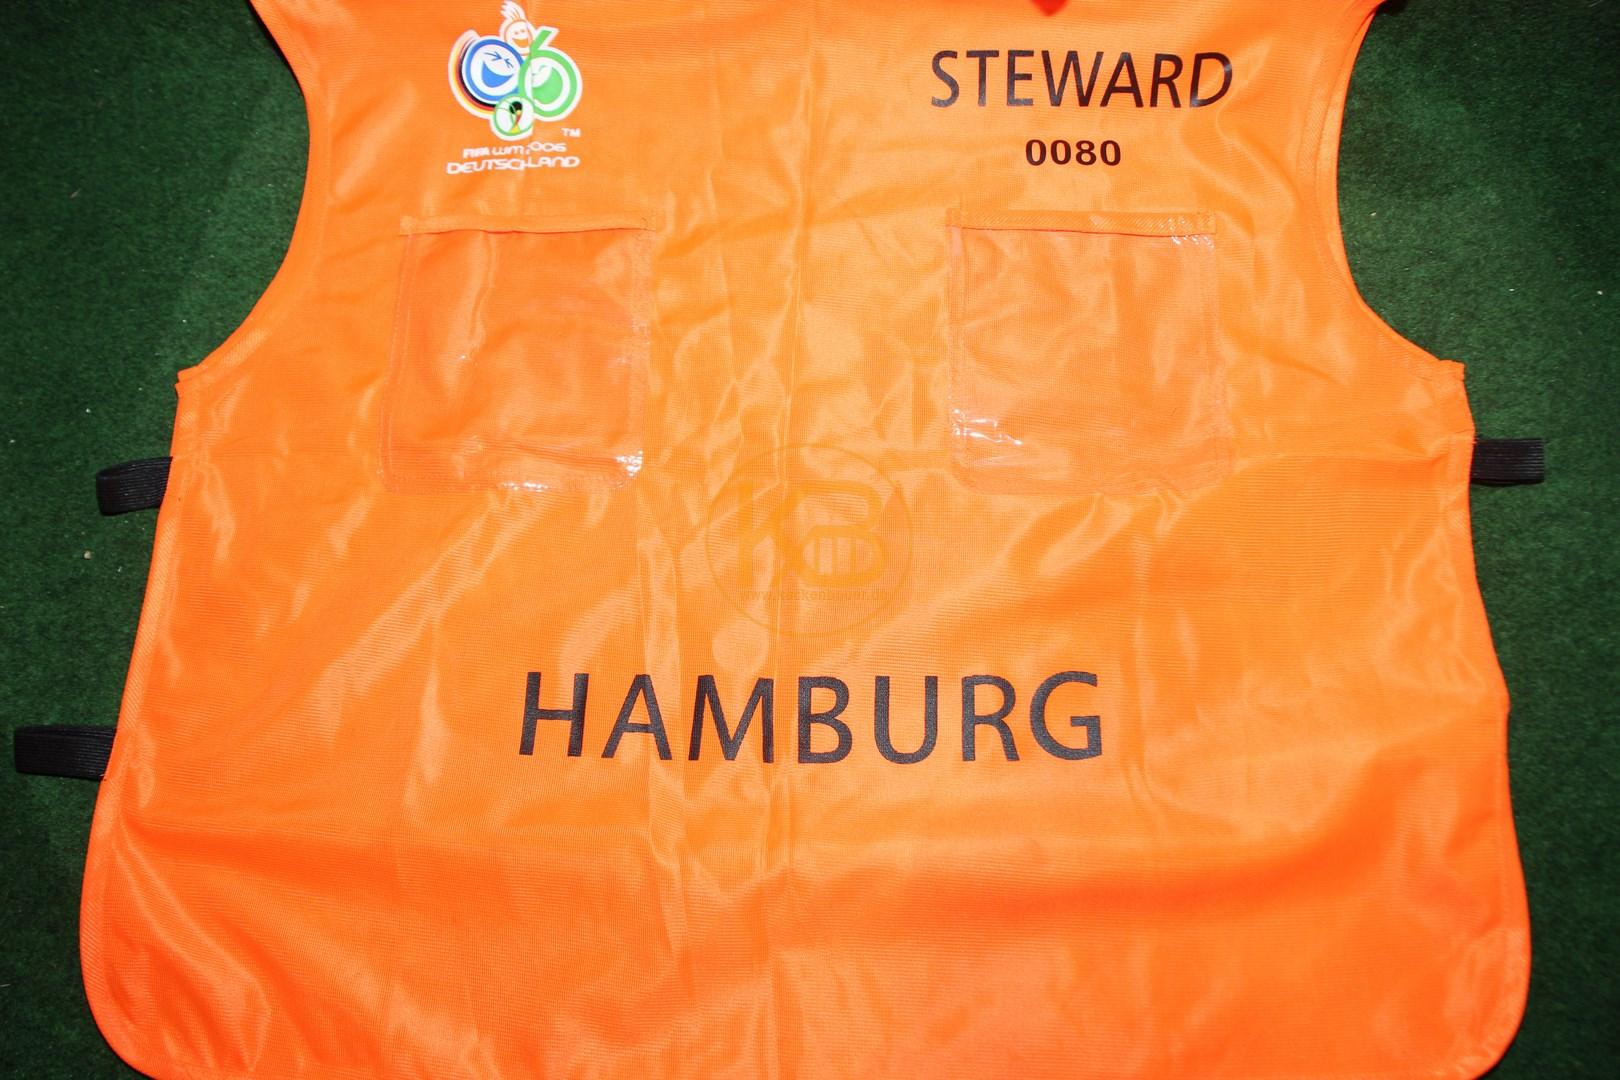 Original Ordner Weste von der WM 2006 in Deutschland aus dem Stadion in Hamburg